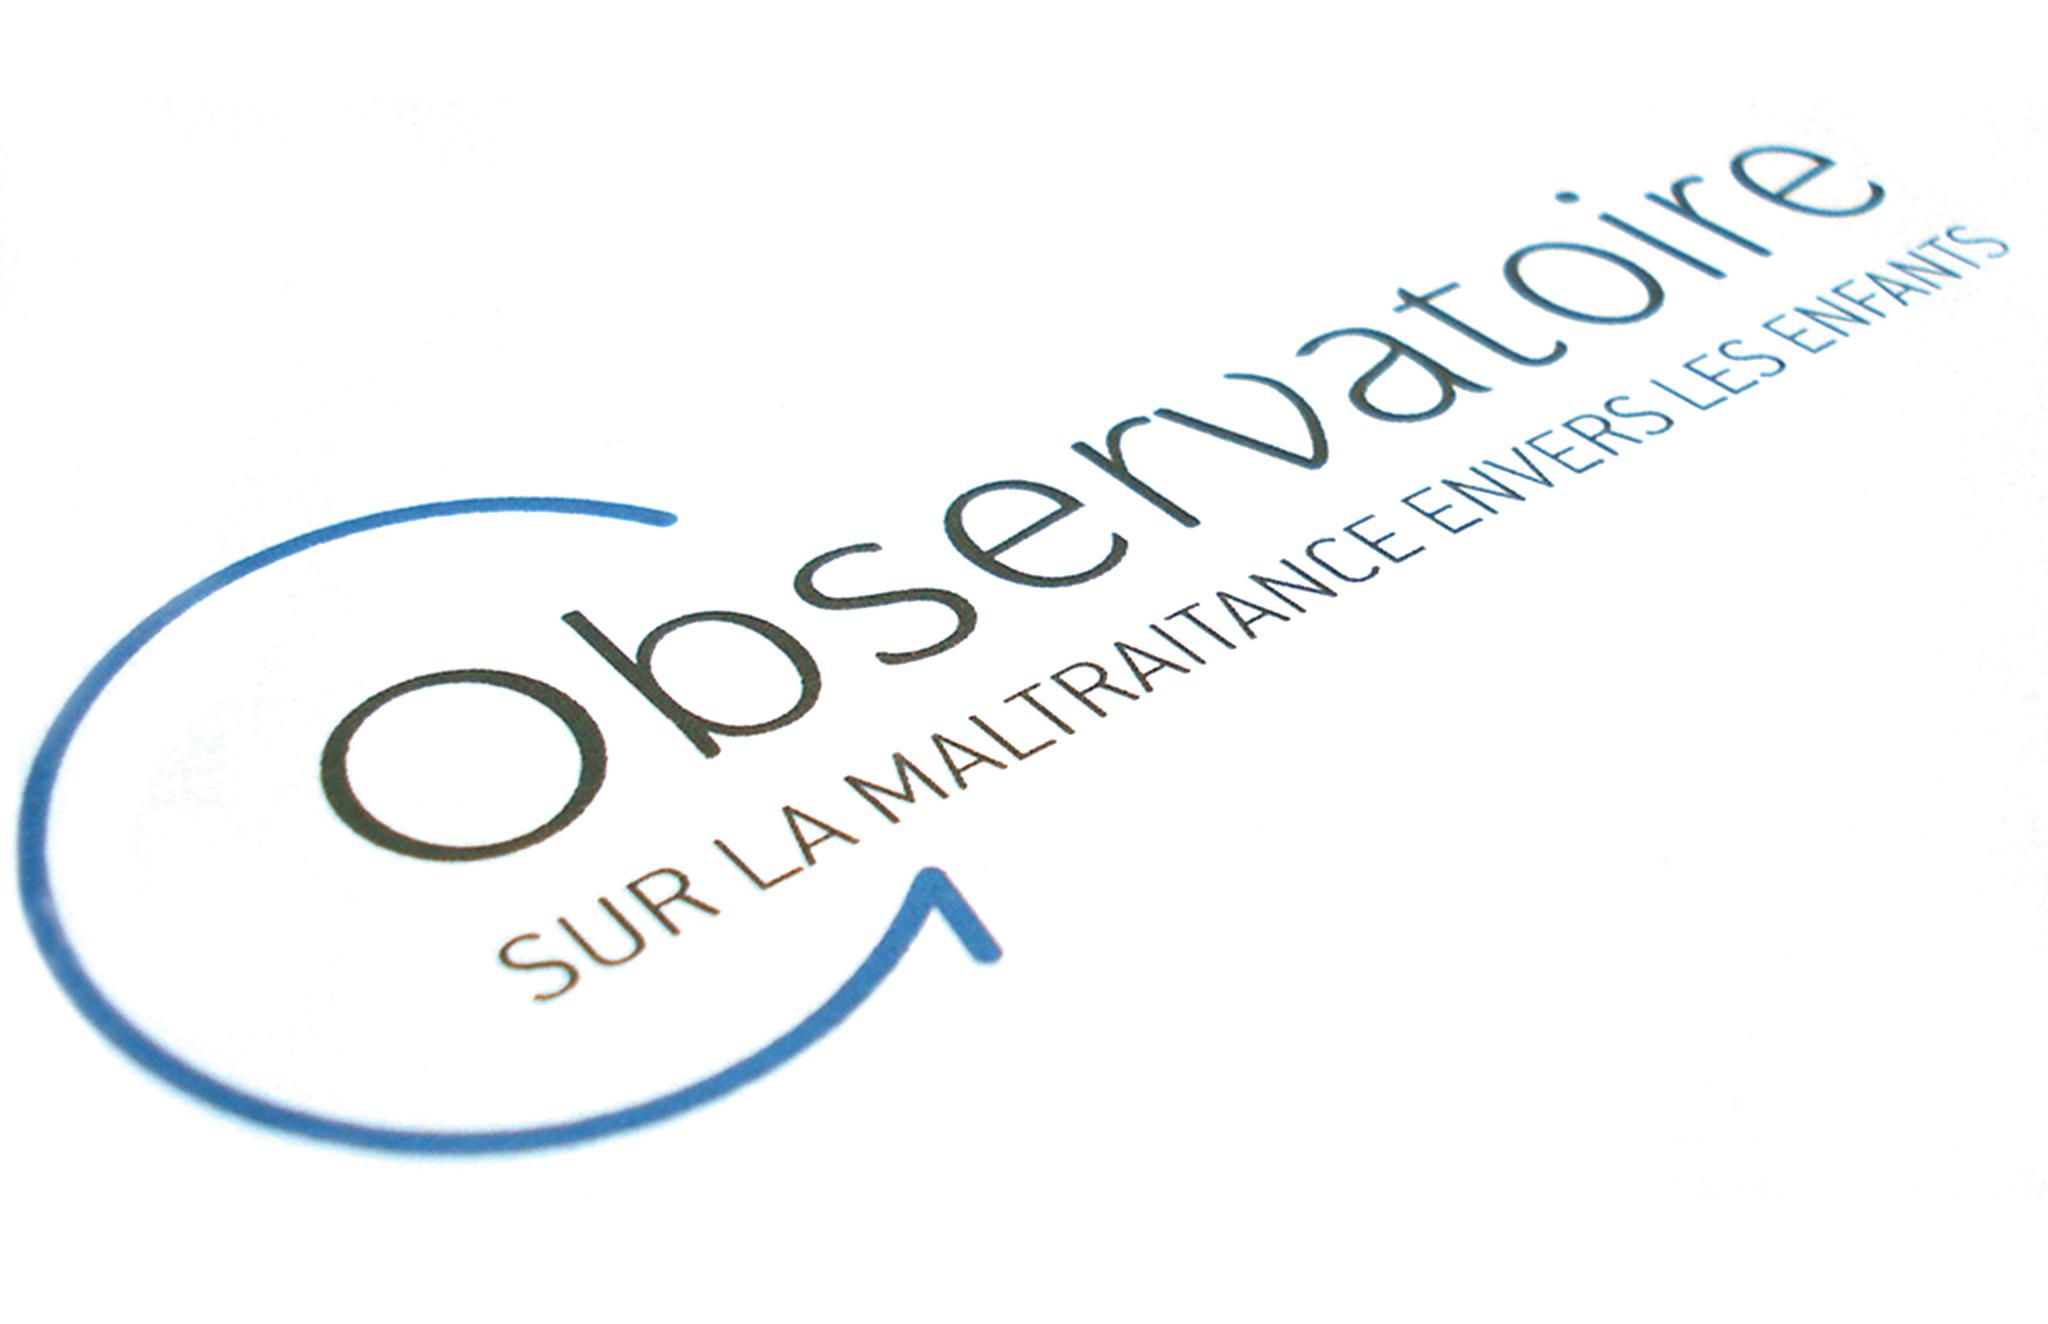 Identité visuelle du nouvel observatoire sur la maltraitance envers les enfants du Centre Jeunesse.